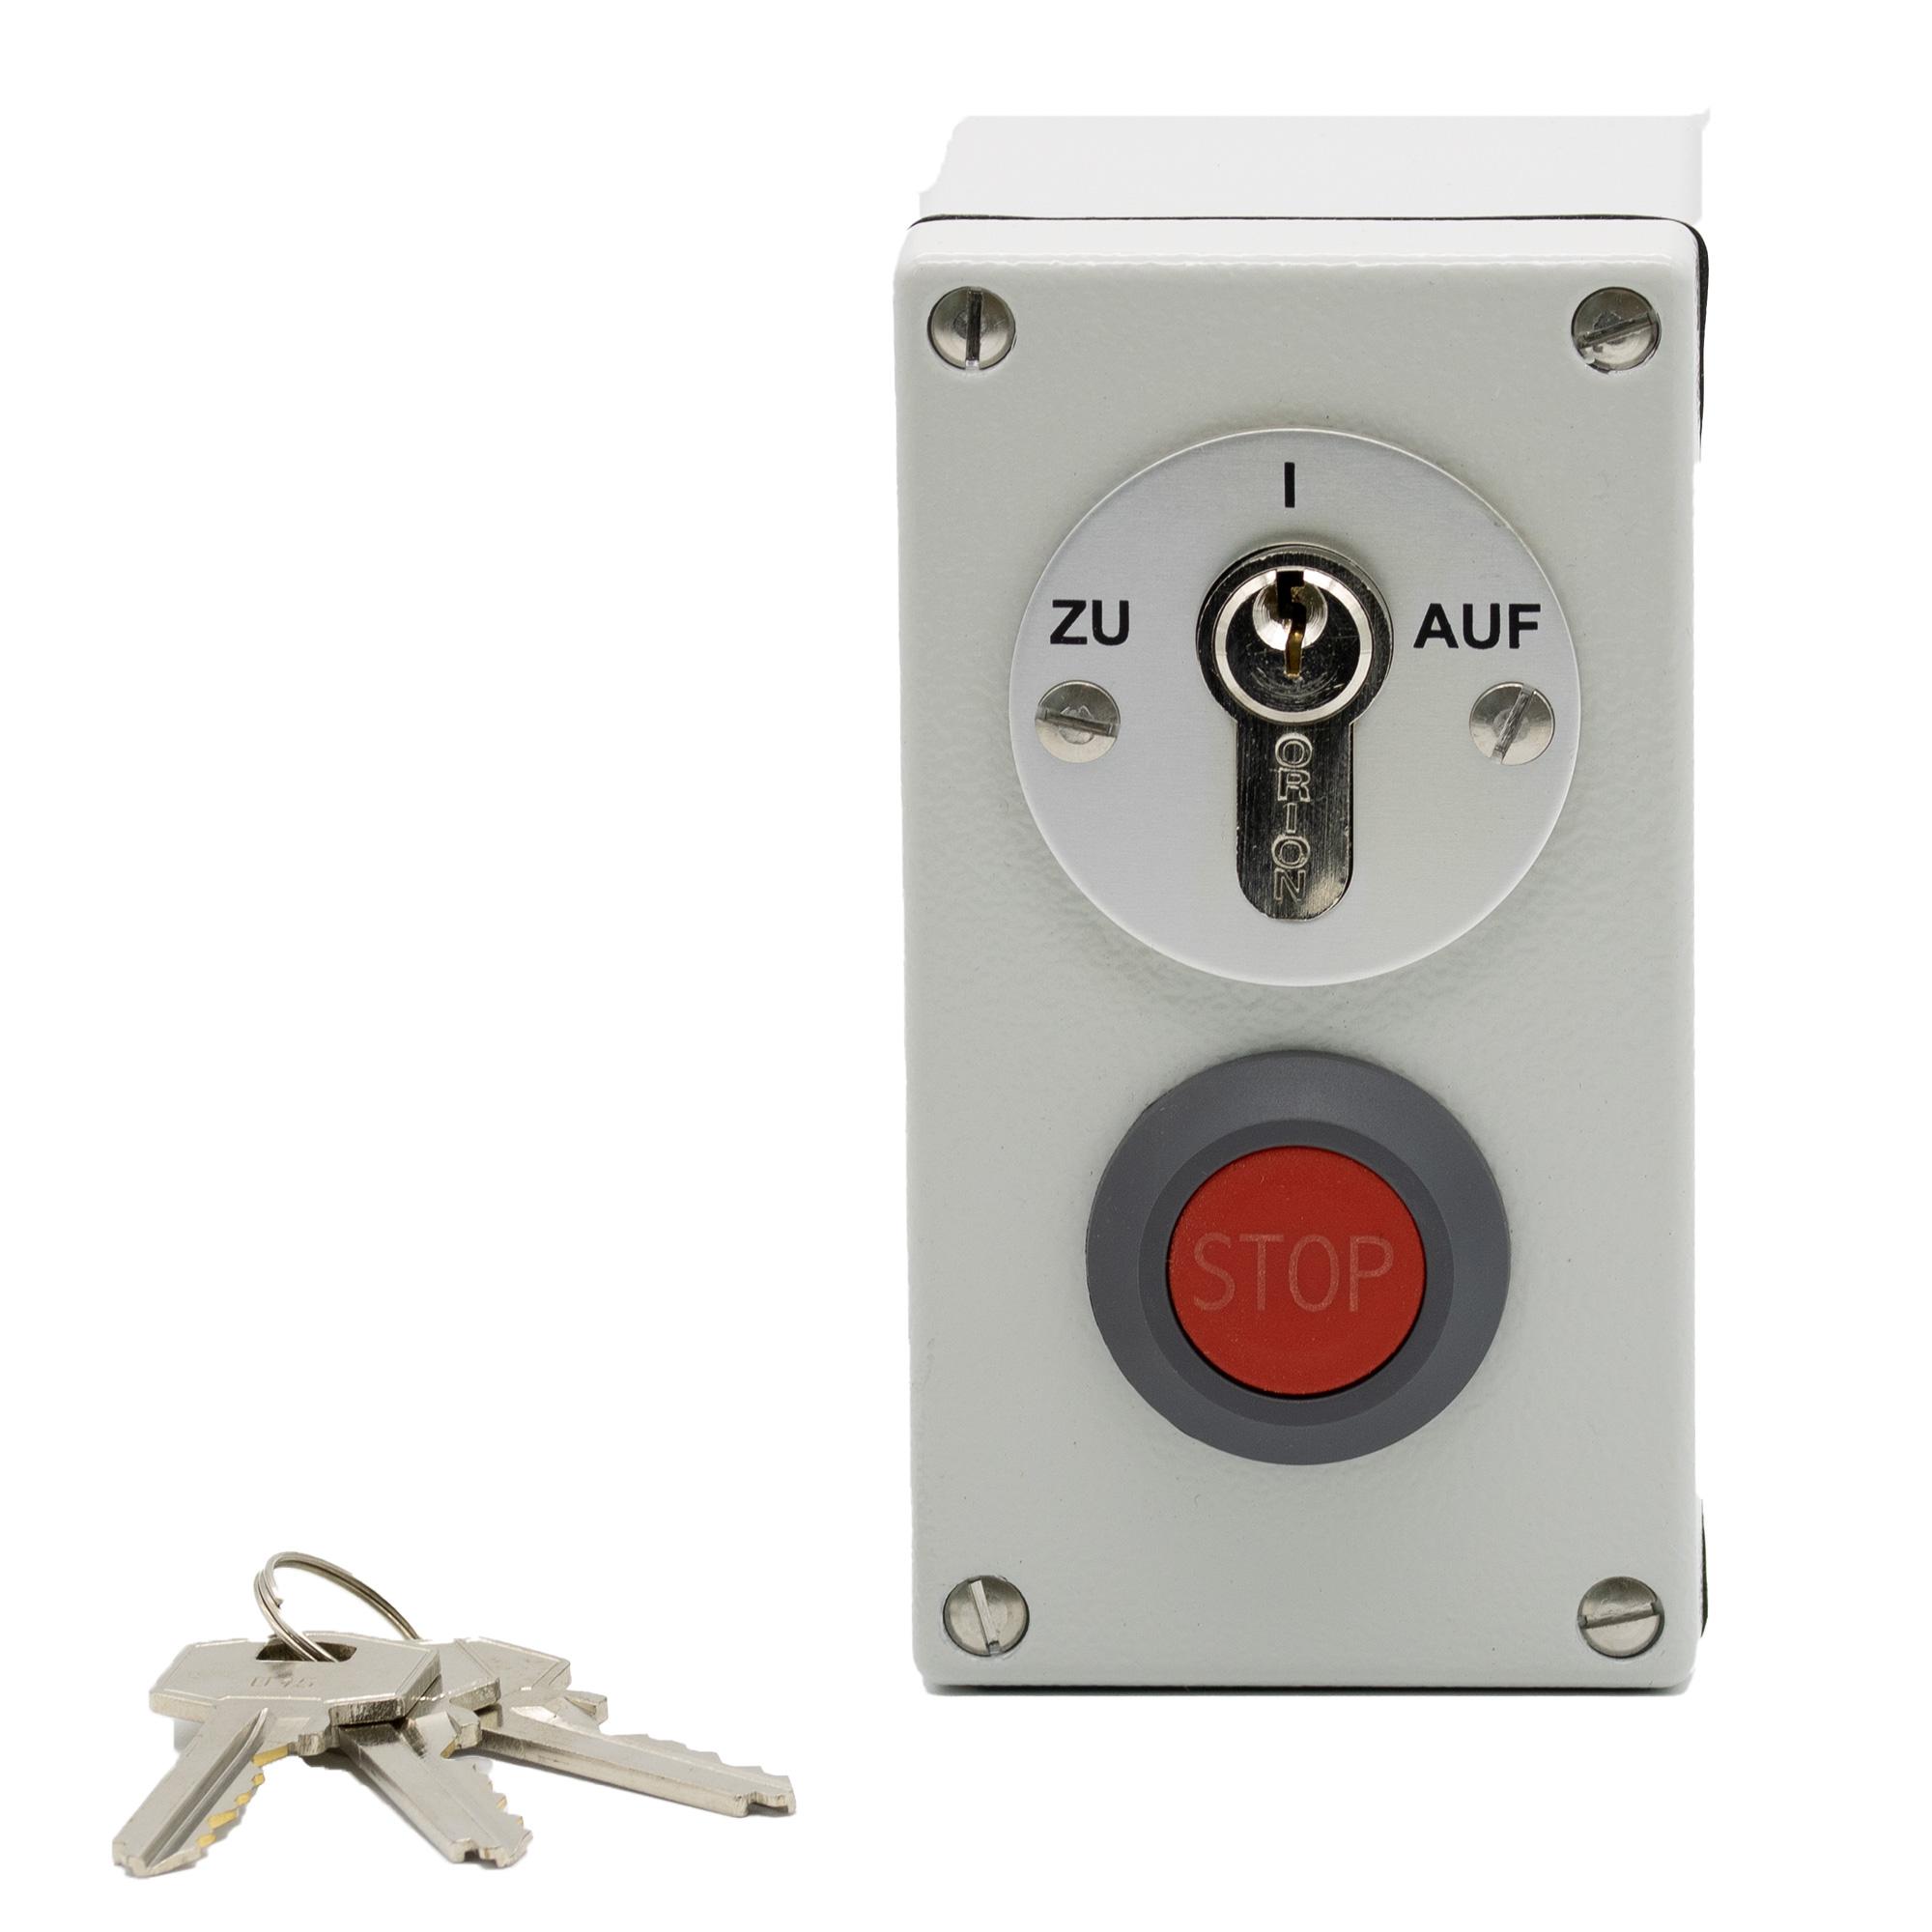 BFT Schlüsseltaster mit Notstop-Taster aufputz